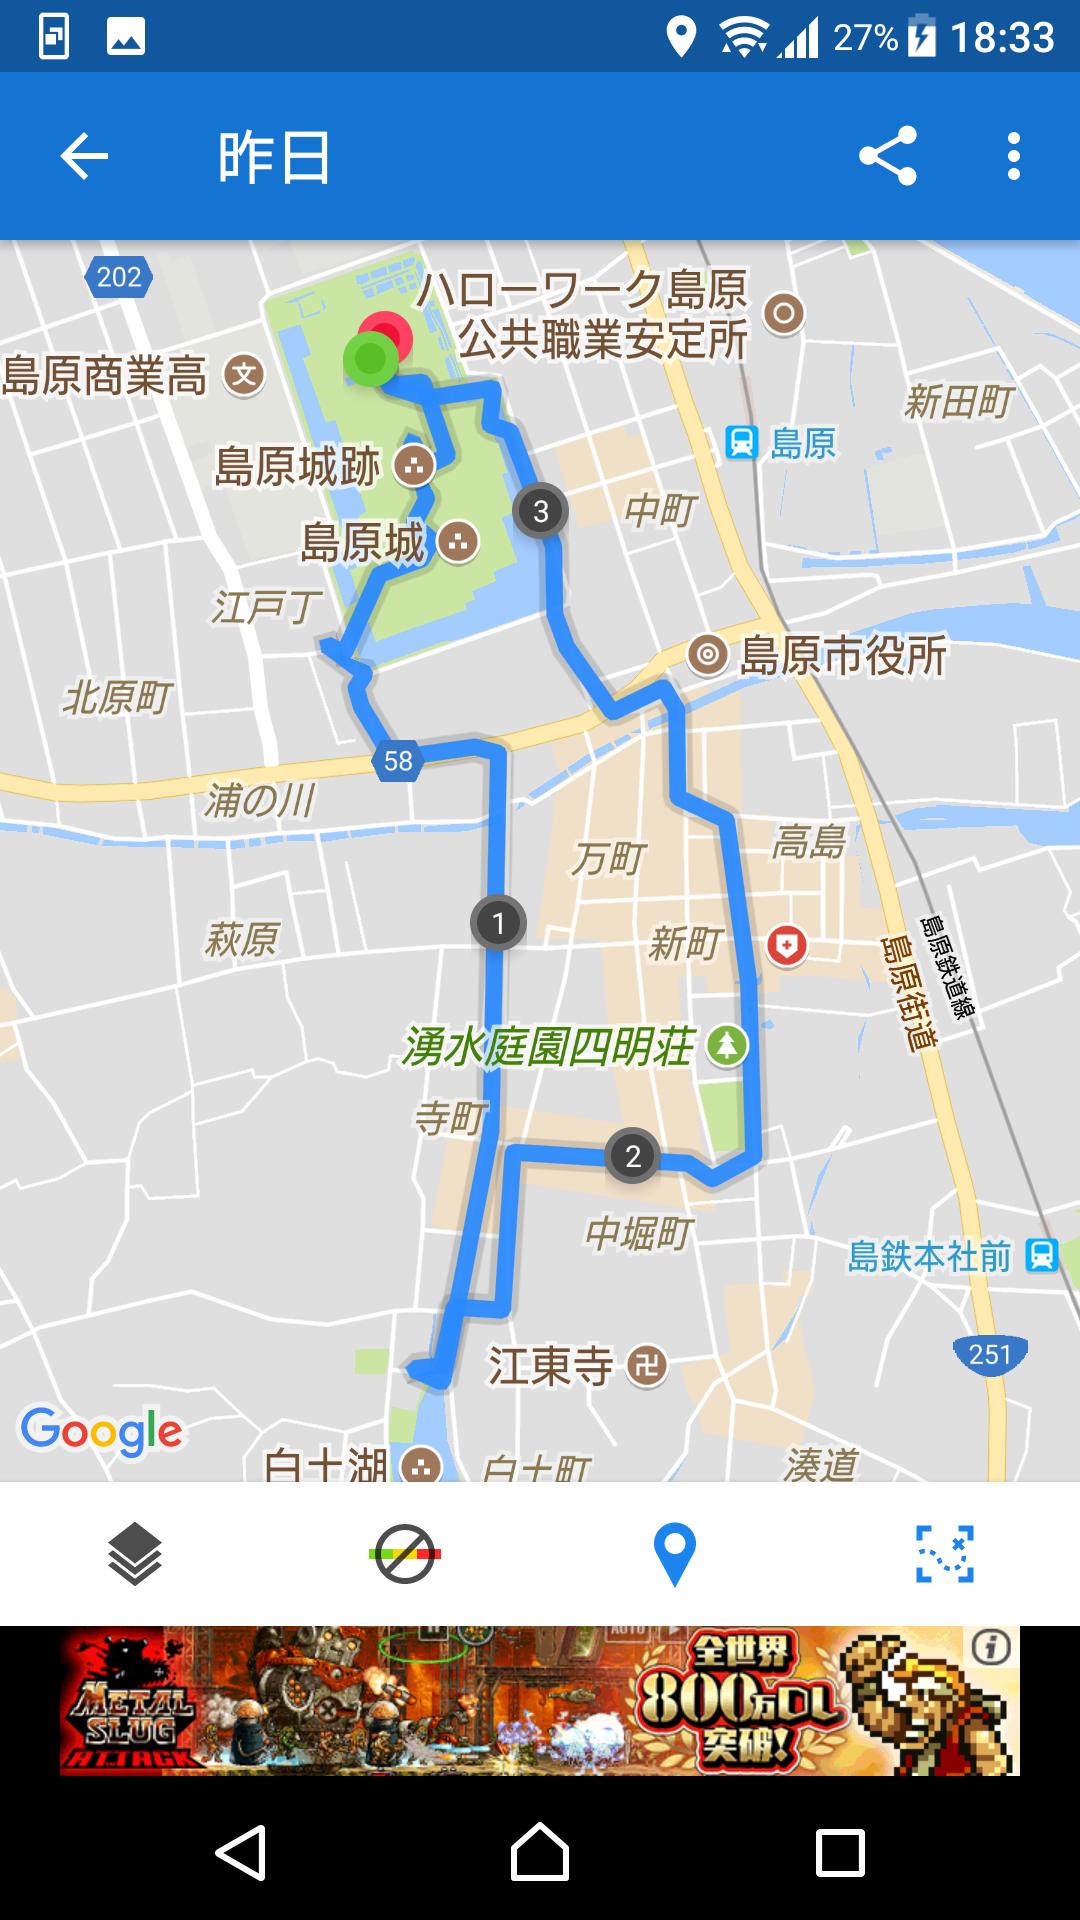 f:id:ynakayama27:20170830210446p:plain